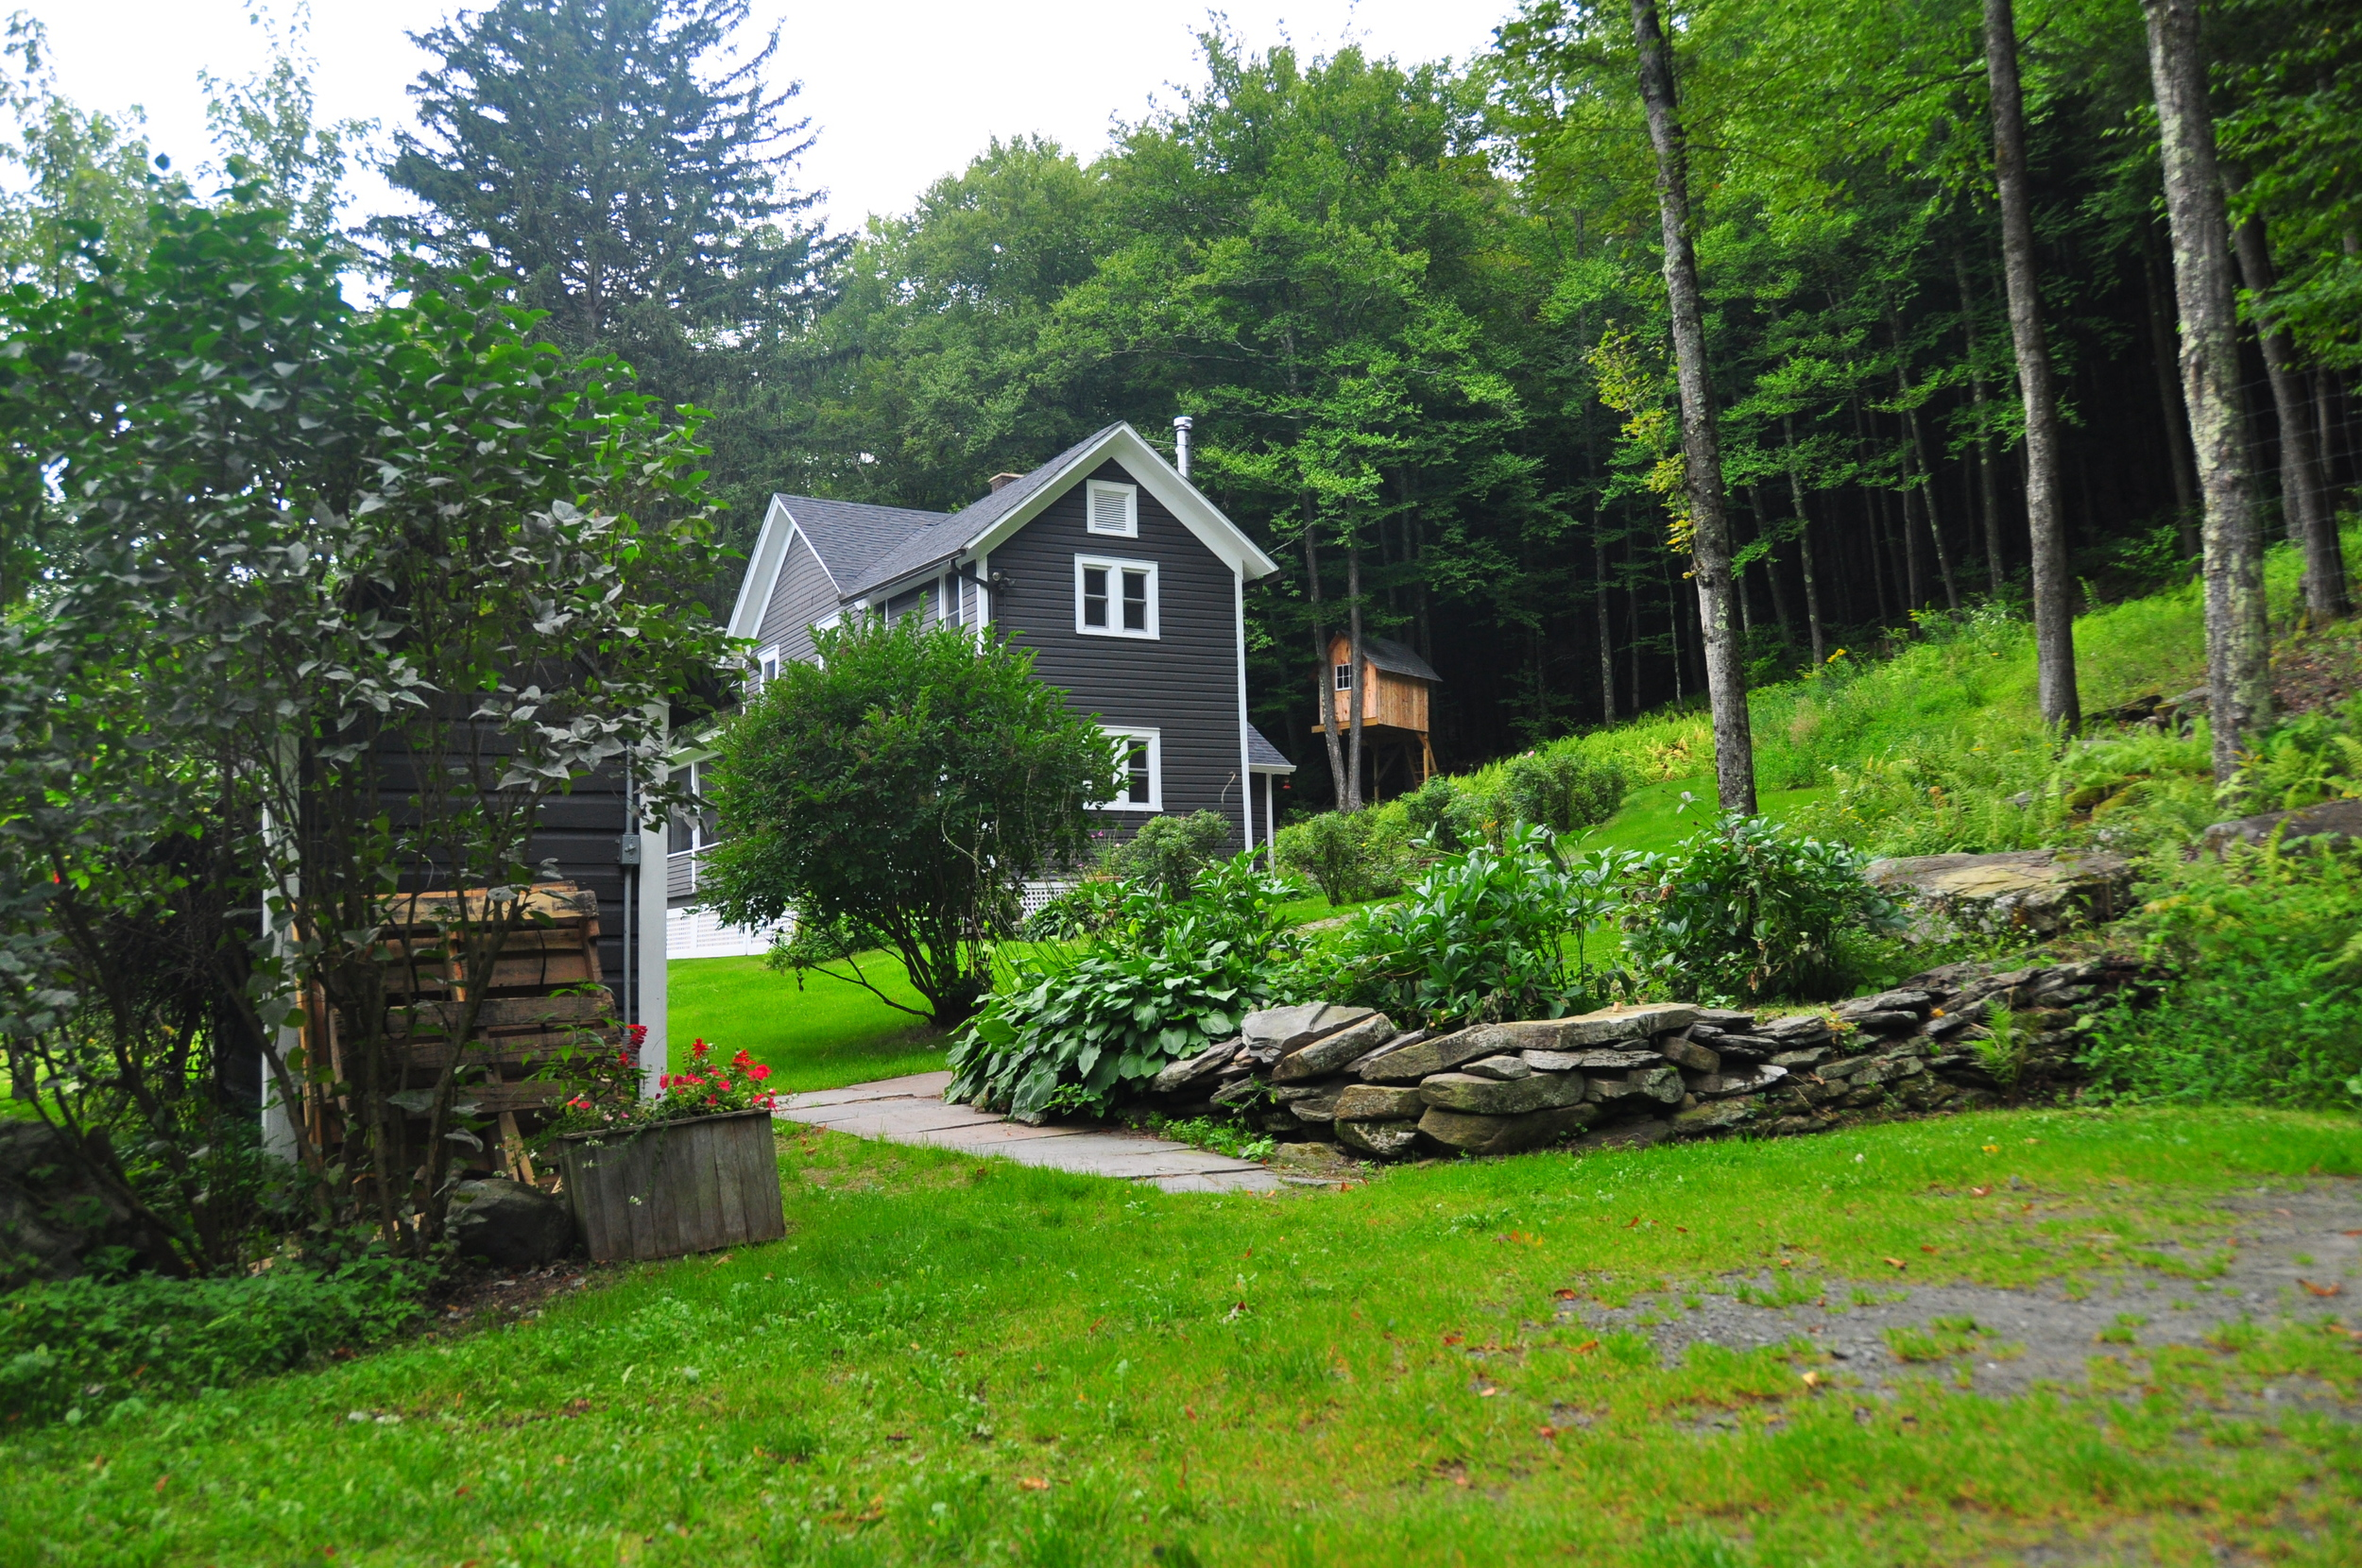 Sprucewood_driveway.JPG